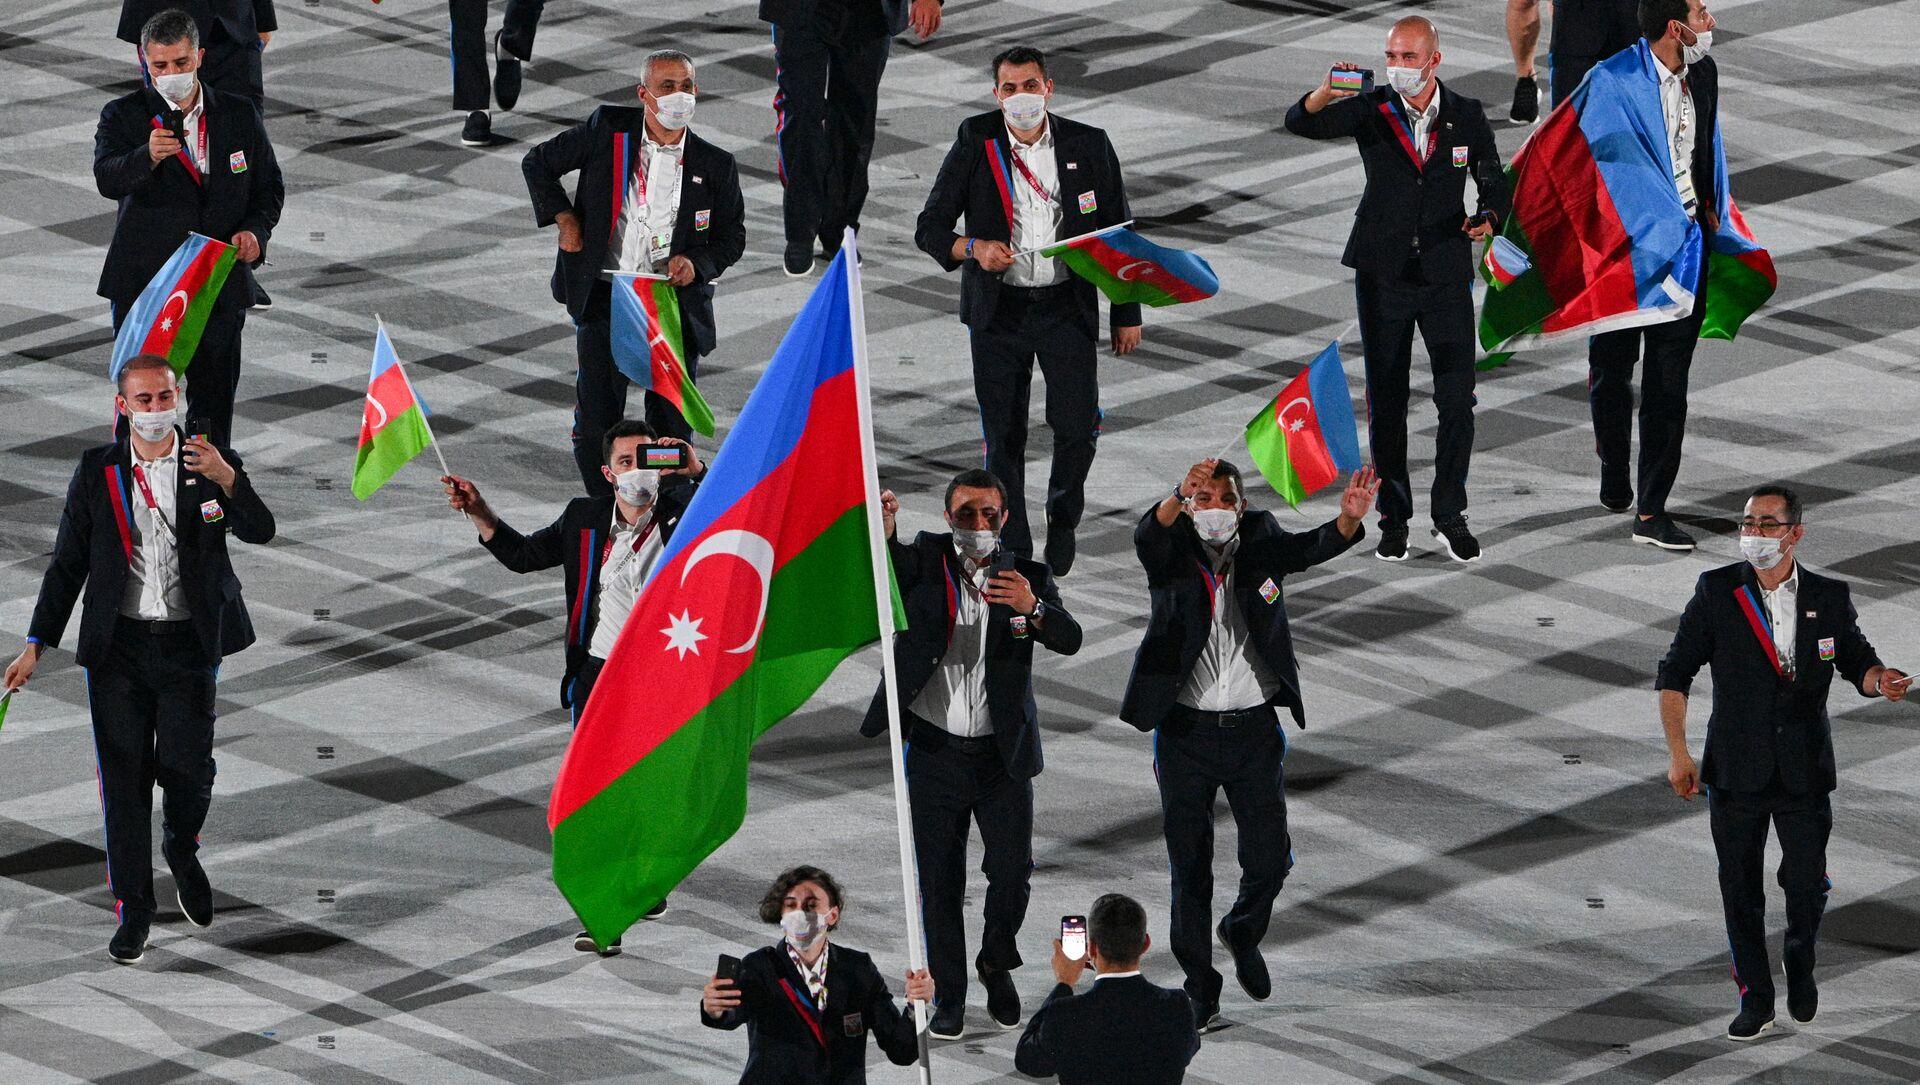 Проход азербайджанской делегации на церемонии открытия 32-летних Олимпийских игр - Sputnik Азербайджан, 1920, 07.08.2021